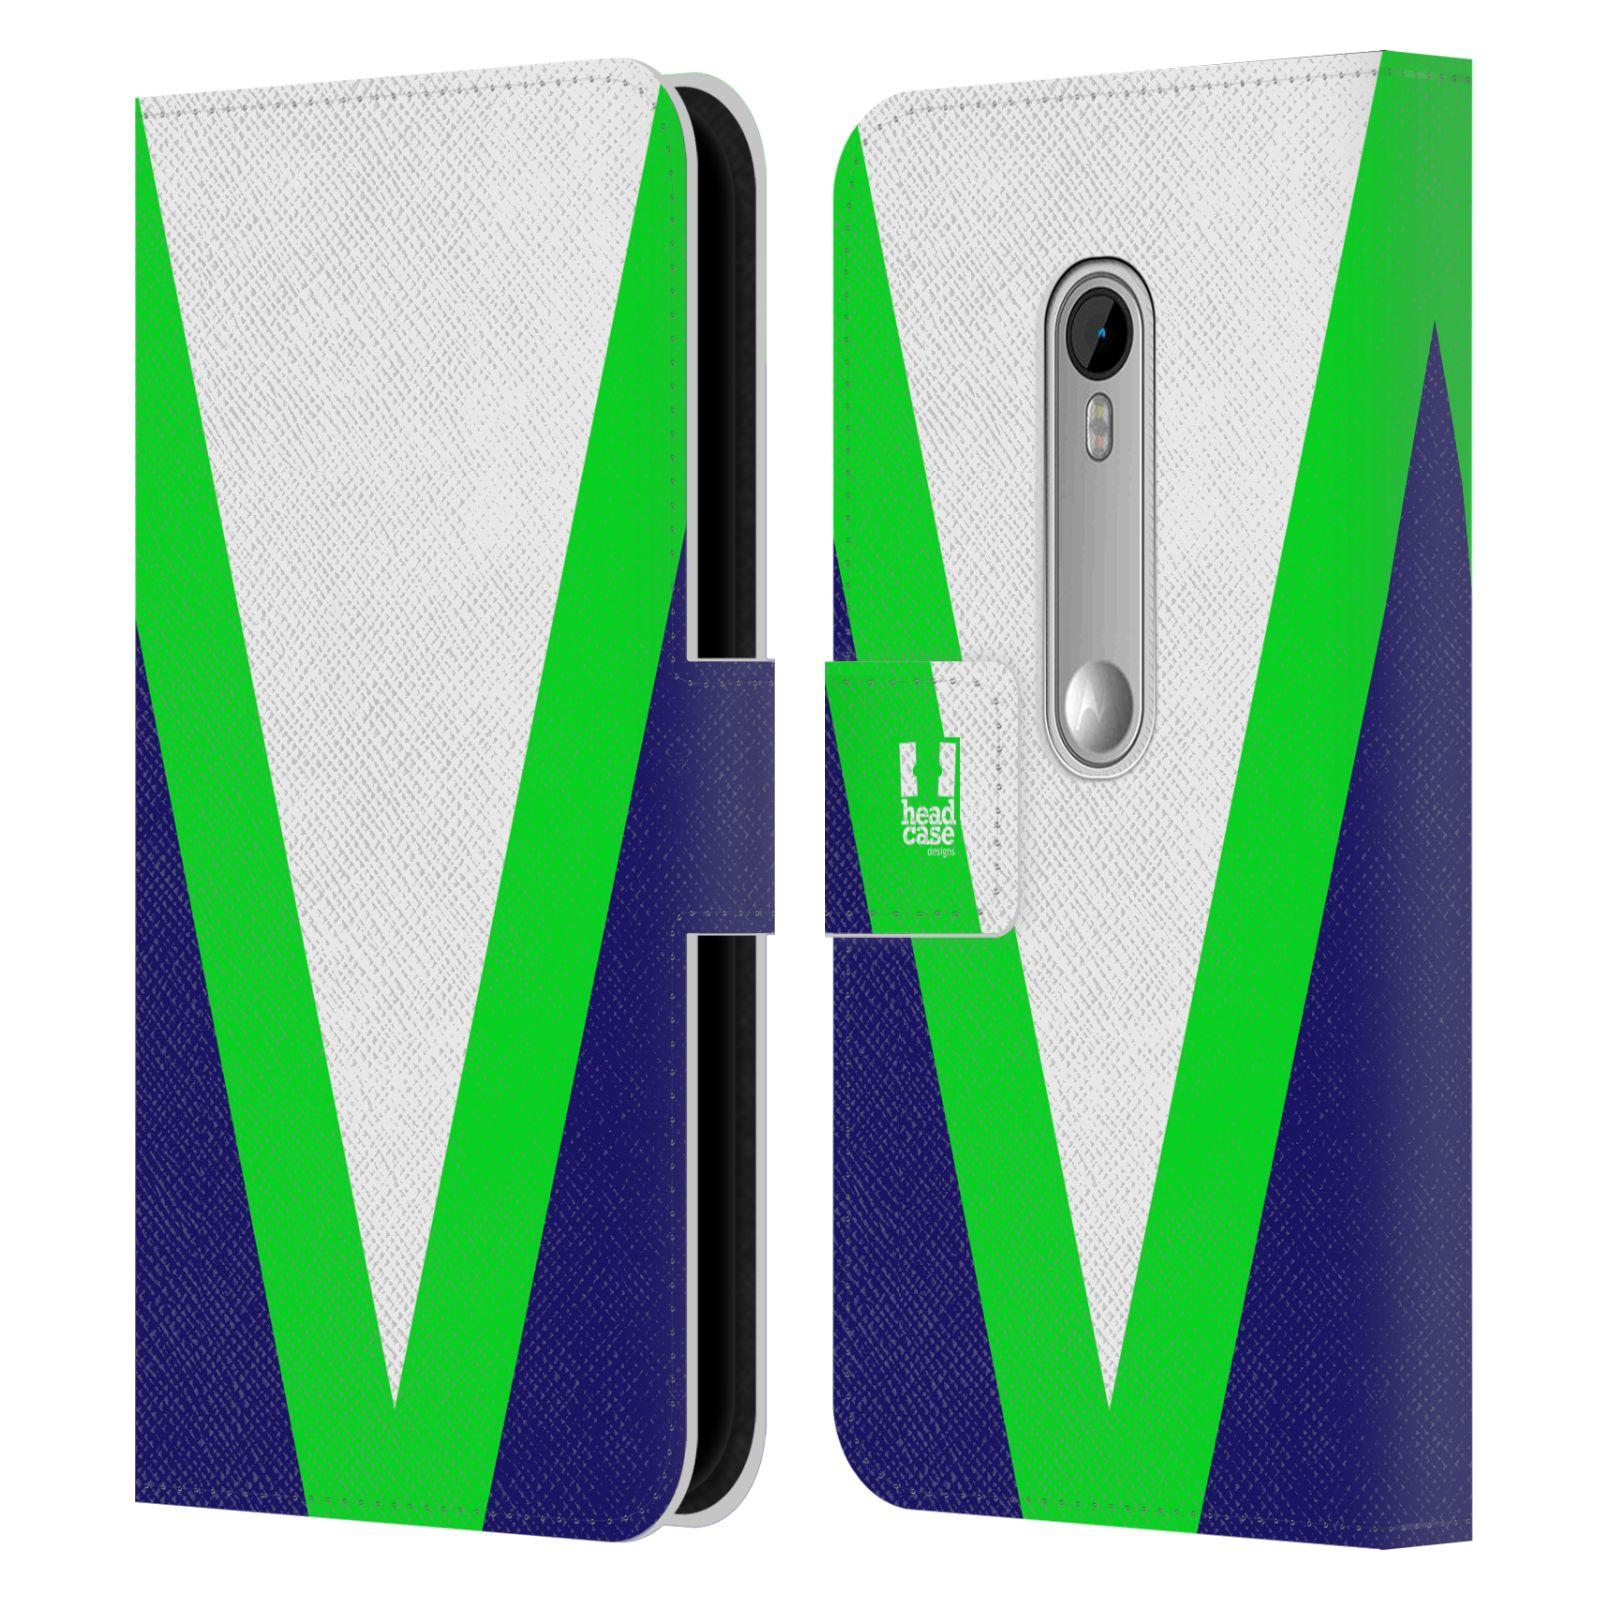 HEAD CASE Flipové pouzdro pro mobil Motorola MOTO G 3RD GENERATION barevné tvary zelená a modrá